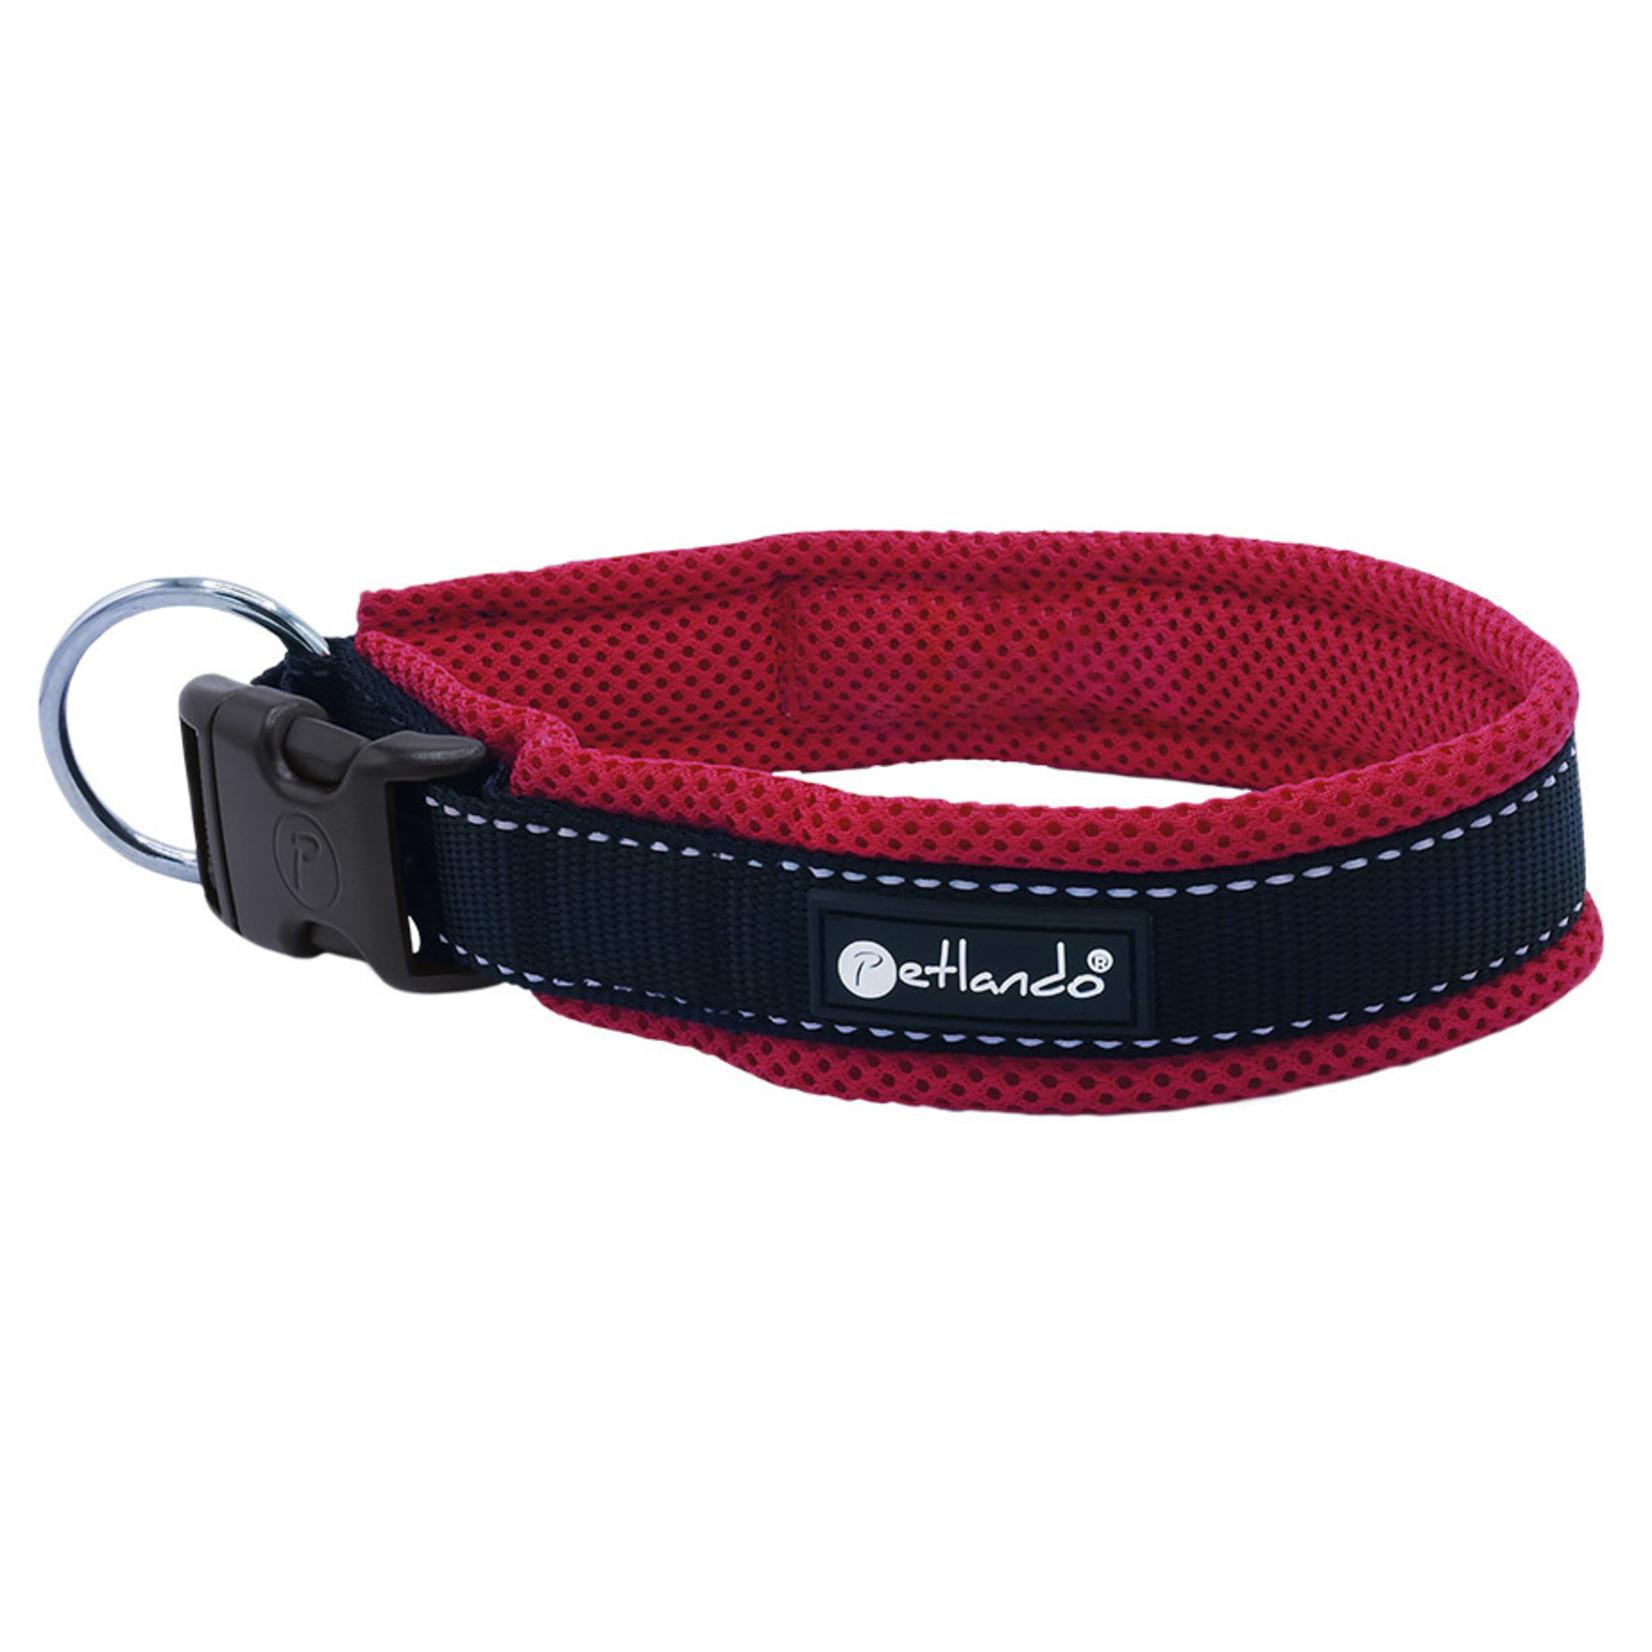 Petlando Outdoor Collar Red